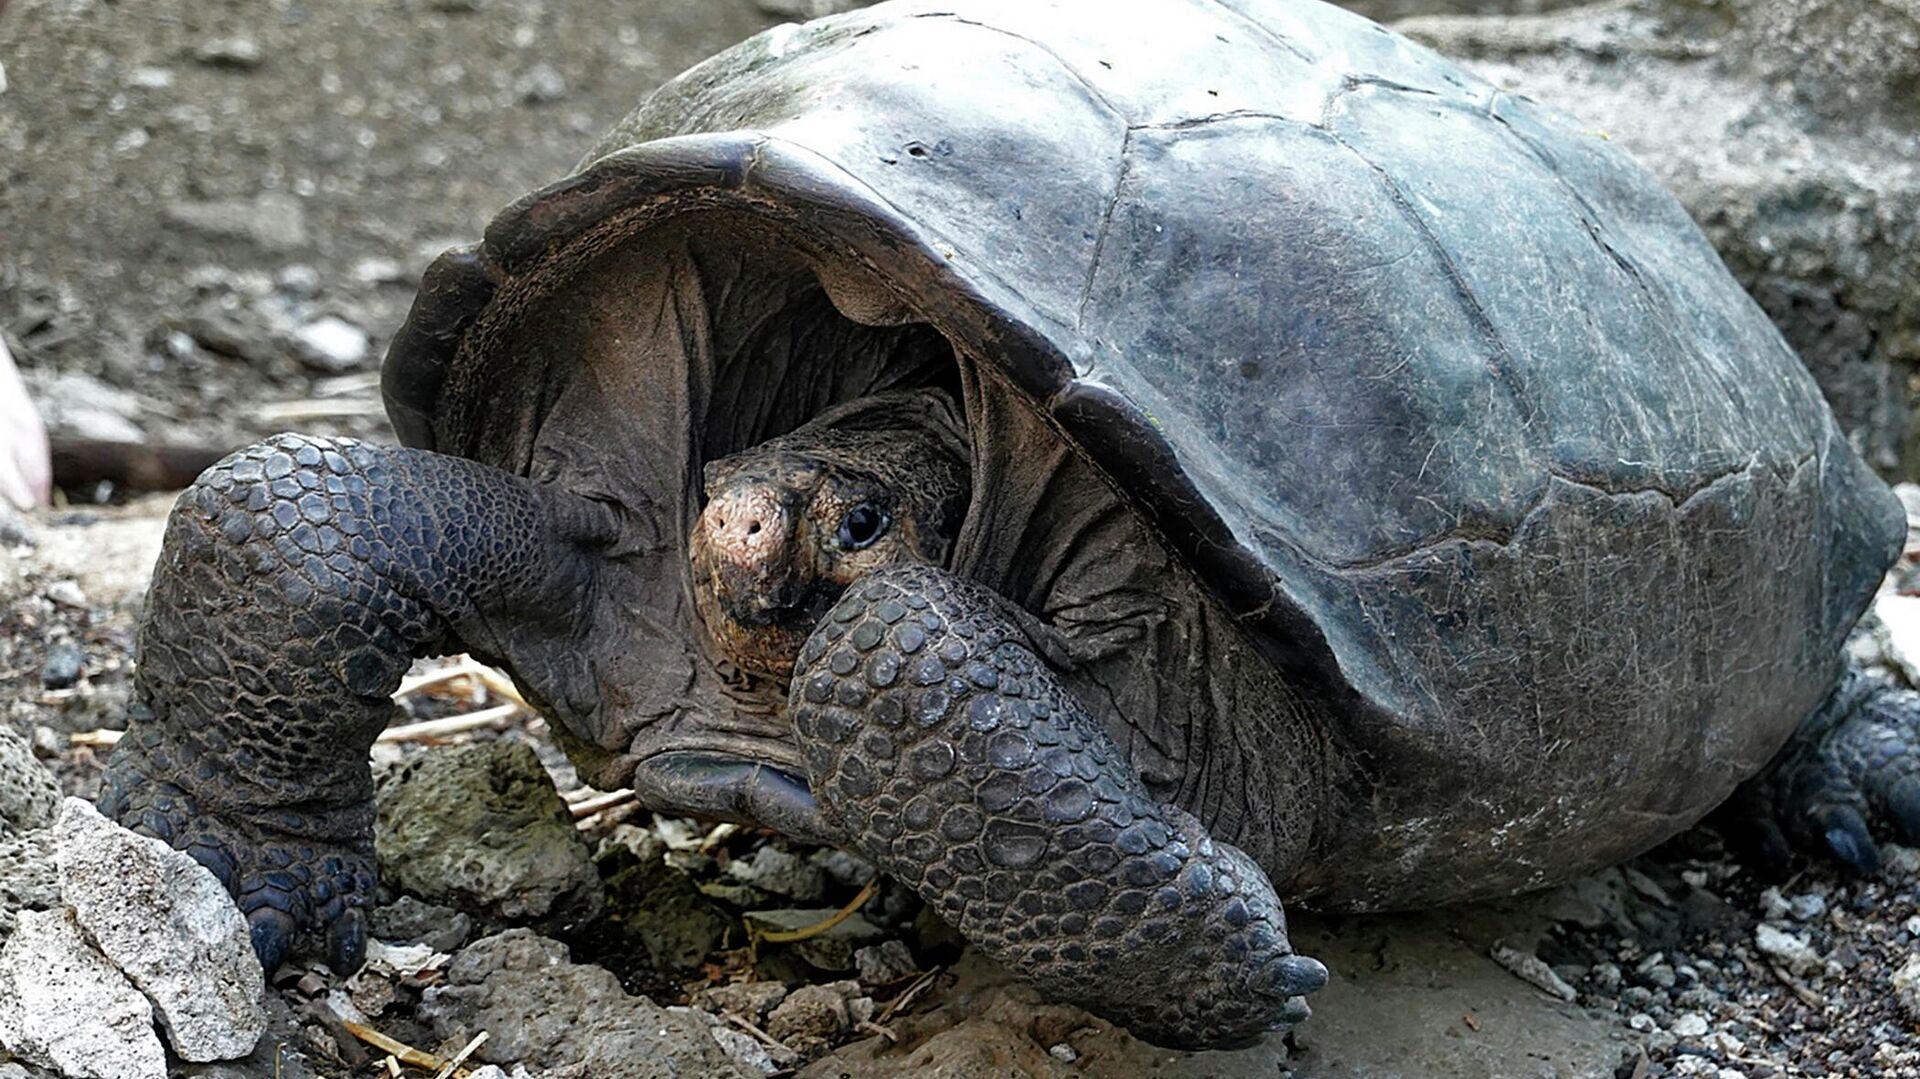 Una tortuga Chelonoidis phantasticus en el Parque Nacional Galápagos - Sputnik Mundo, 1920, 26.05.2021